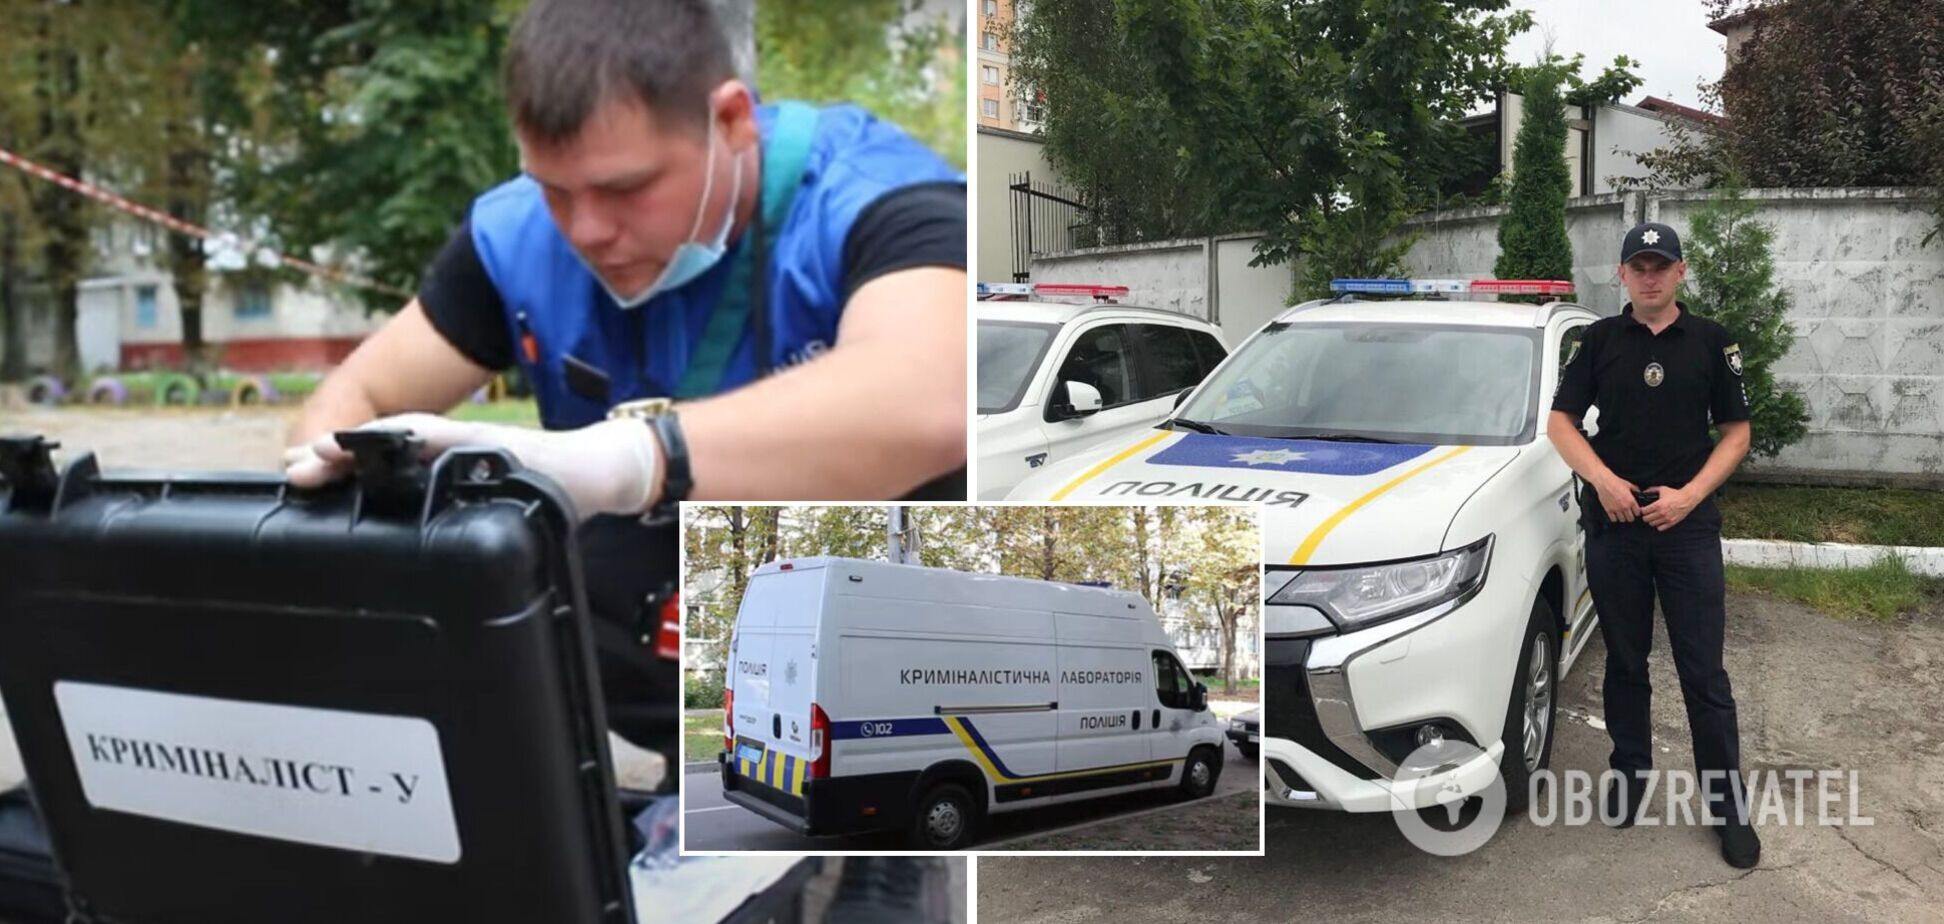 Не было живого места: в Кременчуге 27-летний изверг убил пожилую женщину. Видео